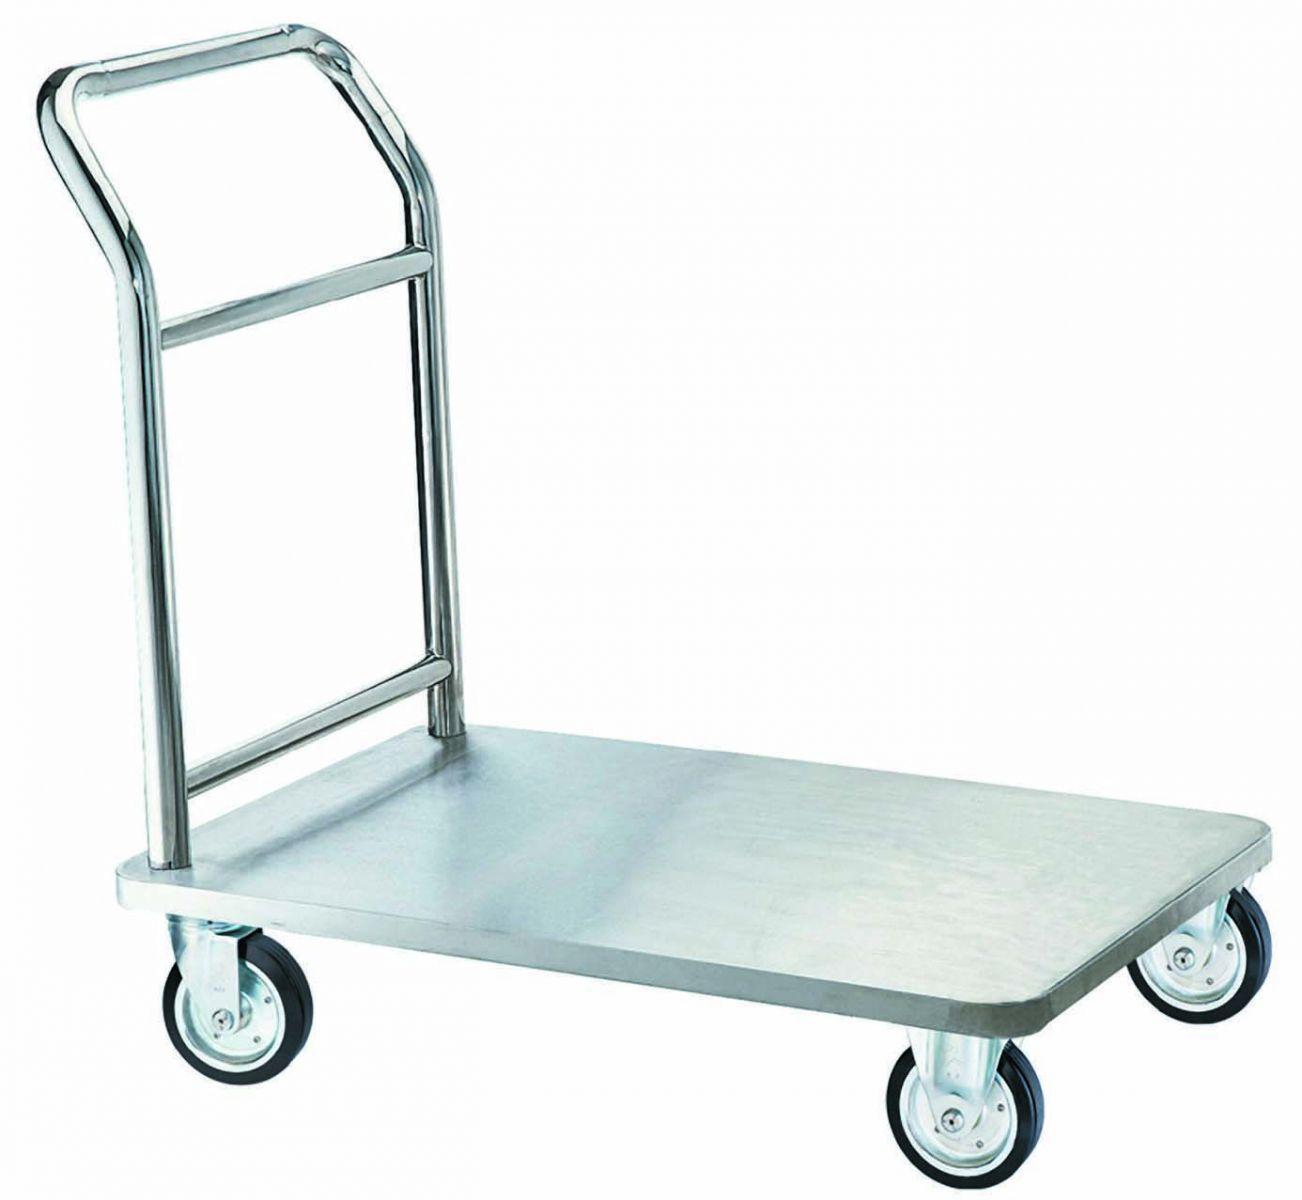 Xe đẩy hàng Inox là gì? Ưu nhược điểm và ứng dụng của xe đẩy hàng Inox trong cuộc sống